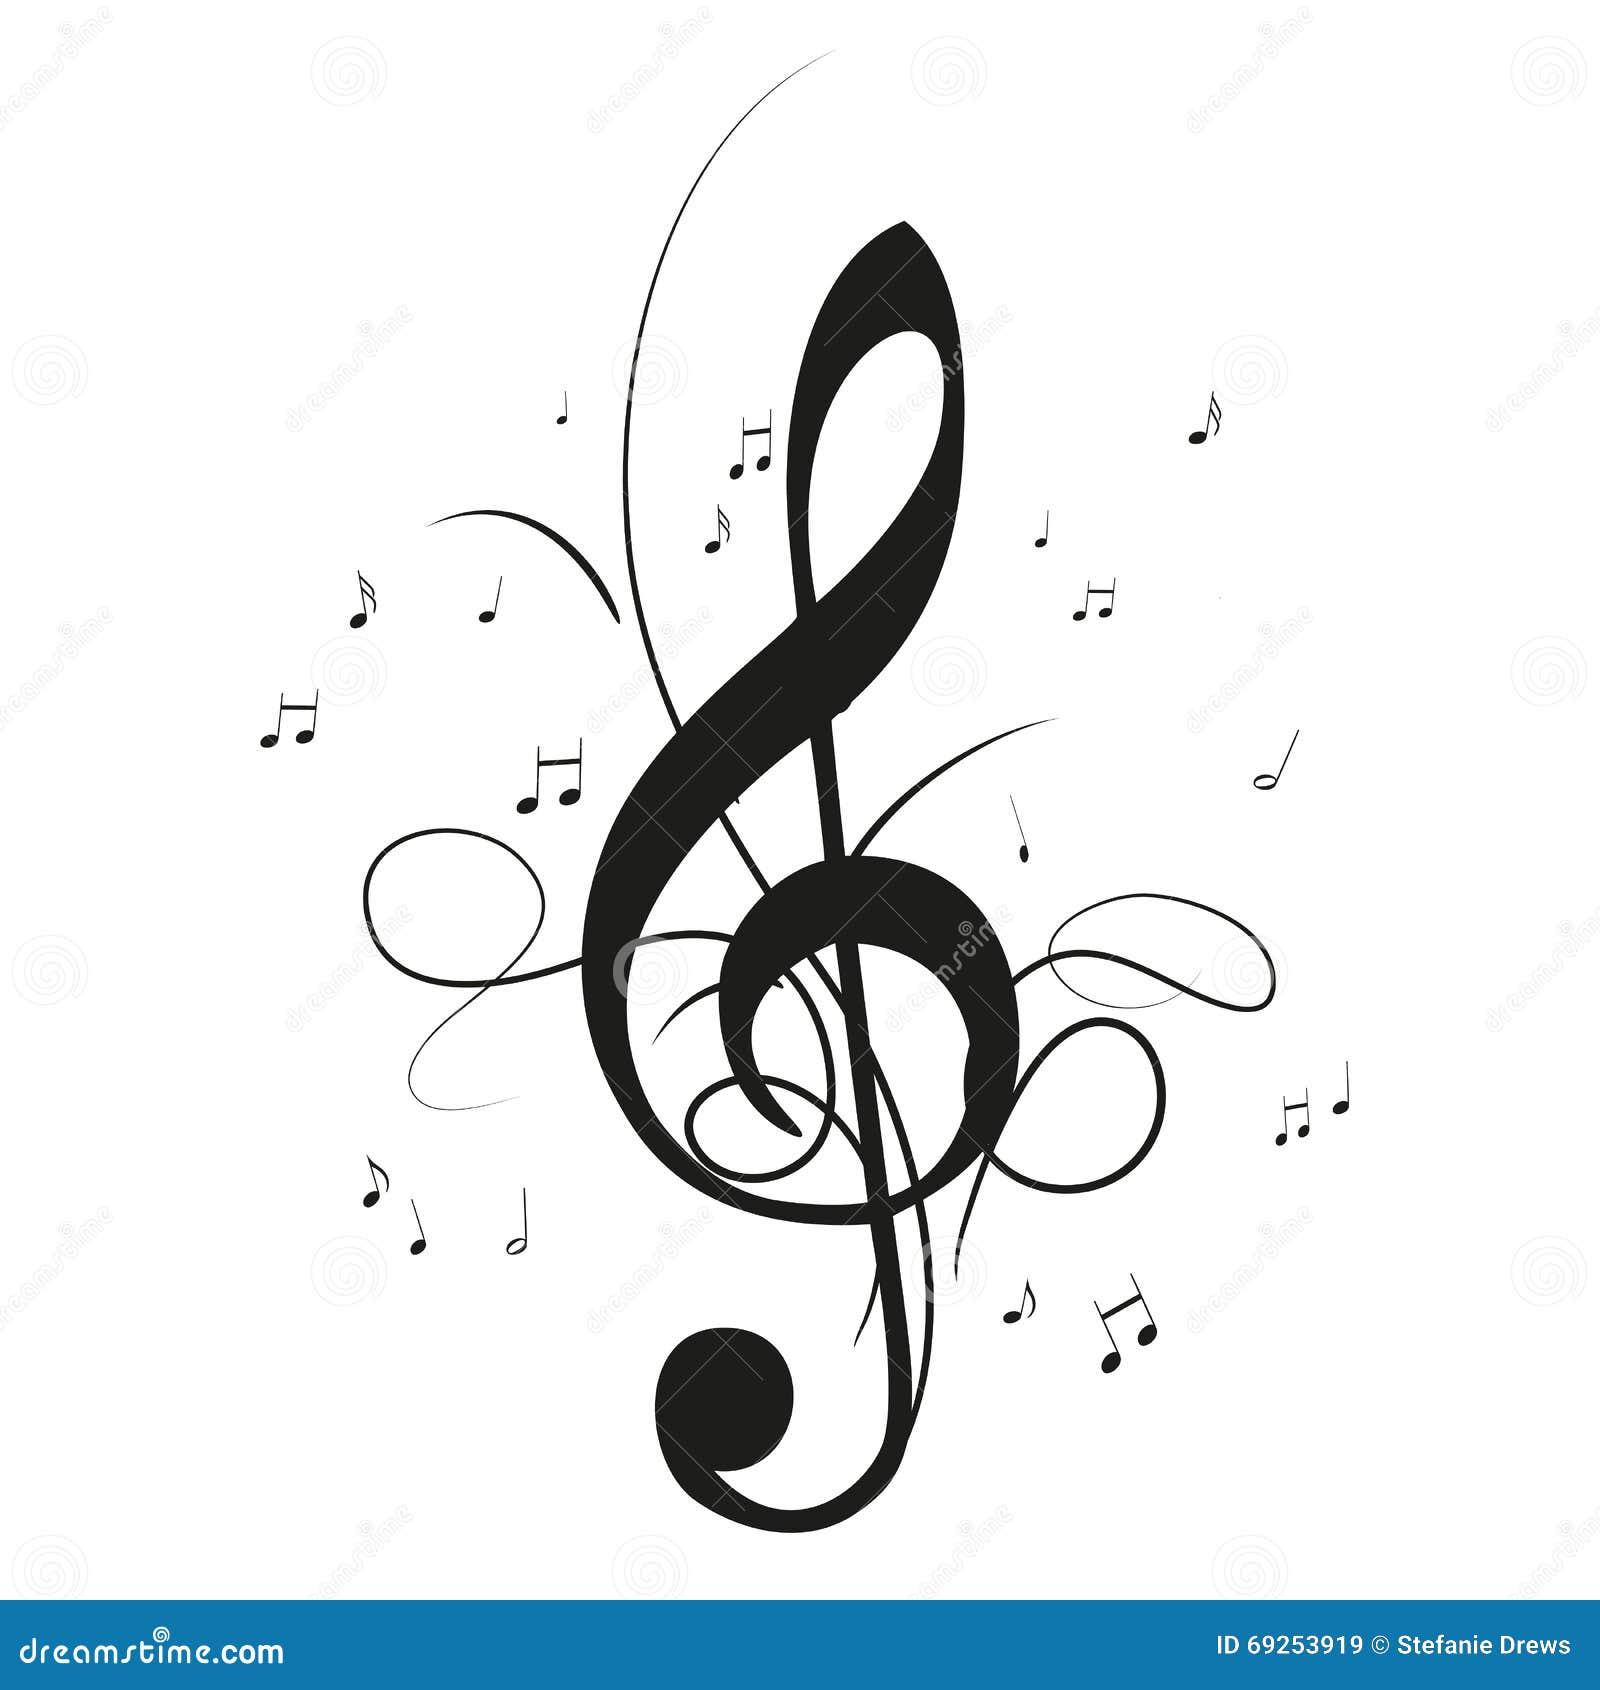 musik merkt notenschlüssel vektor abbildung illustration